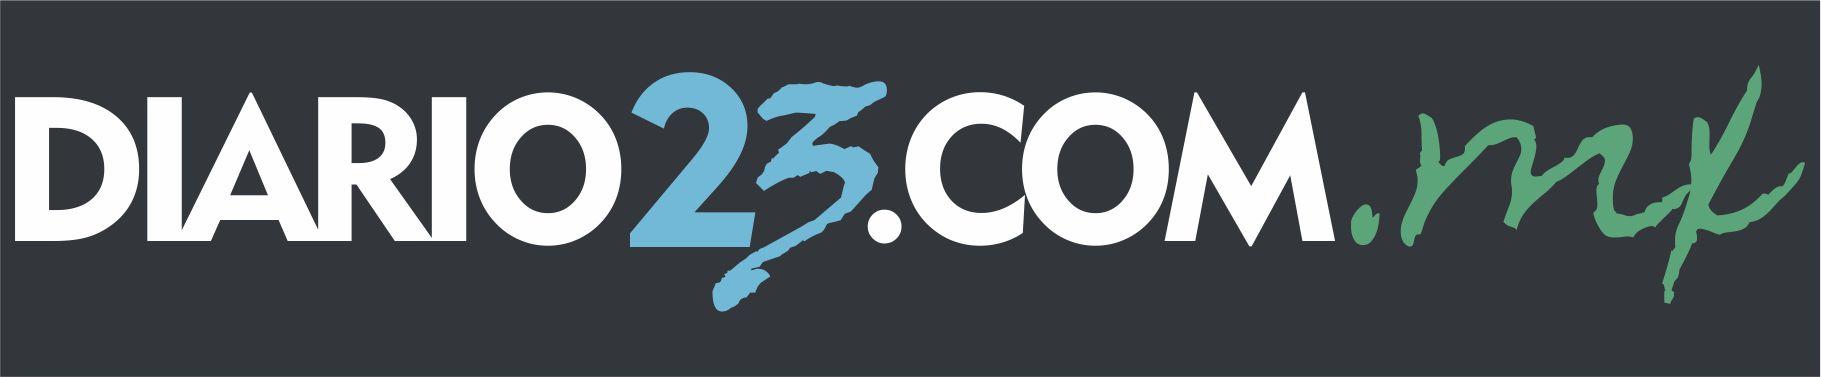 Diario23.com.mx